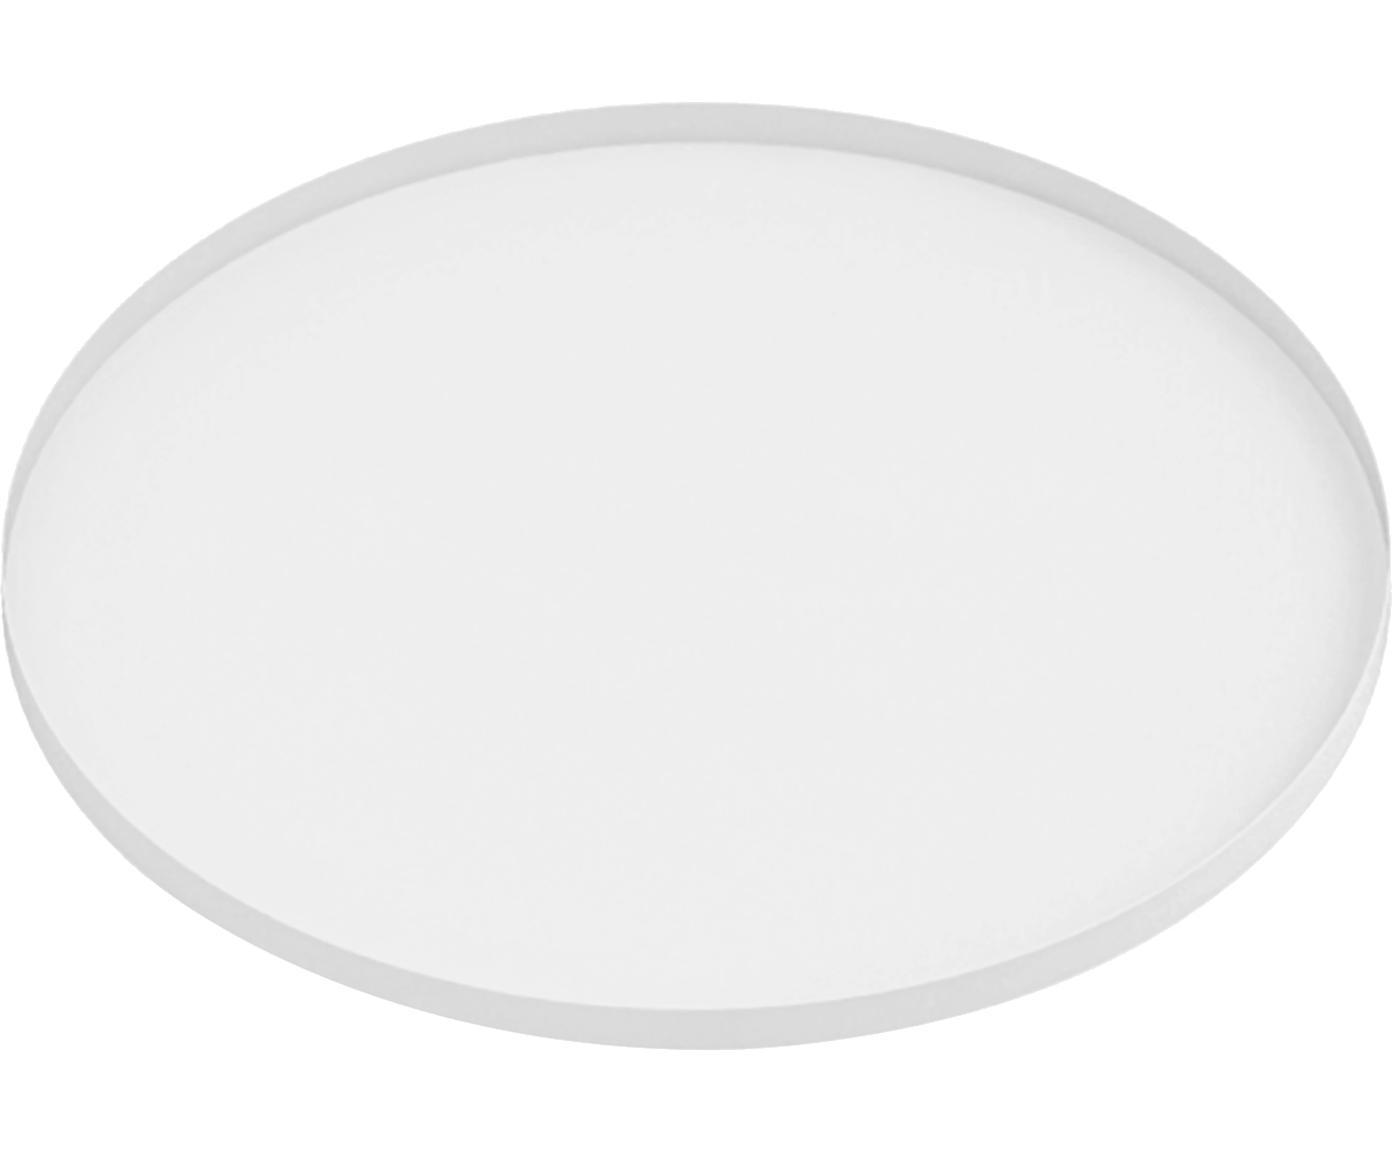 Vassoio Arla, Metallo rivestito, Bianco, Ø 41 cm